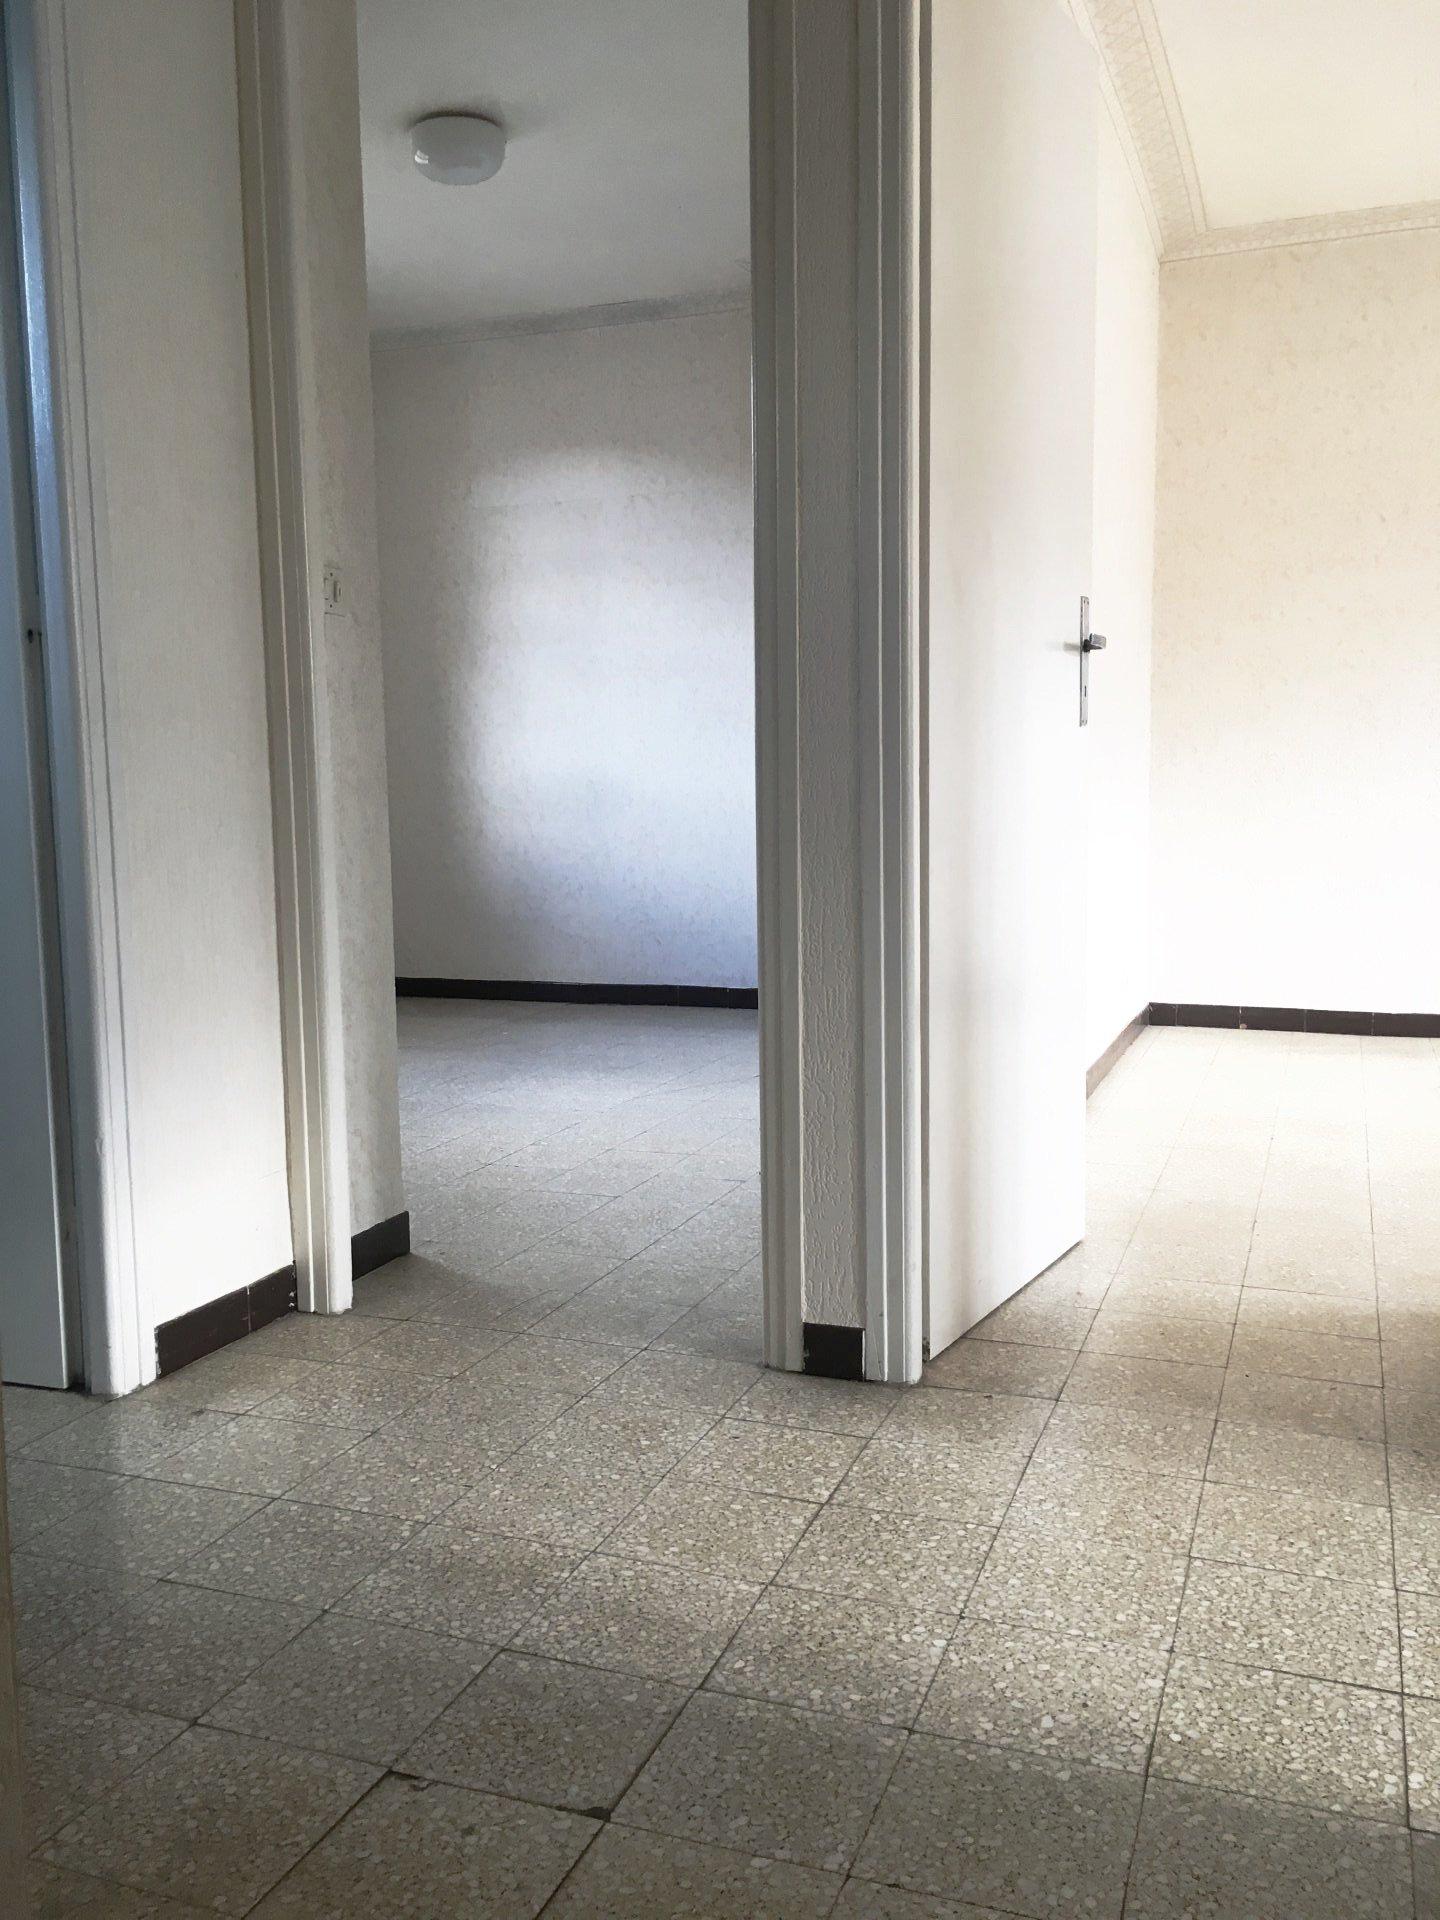 A Vernet les Bains, Maison 4 chambres et appartement